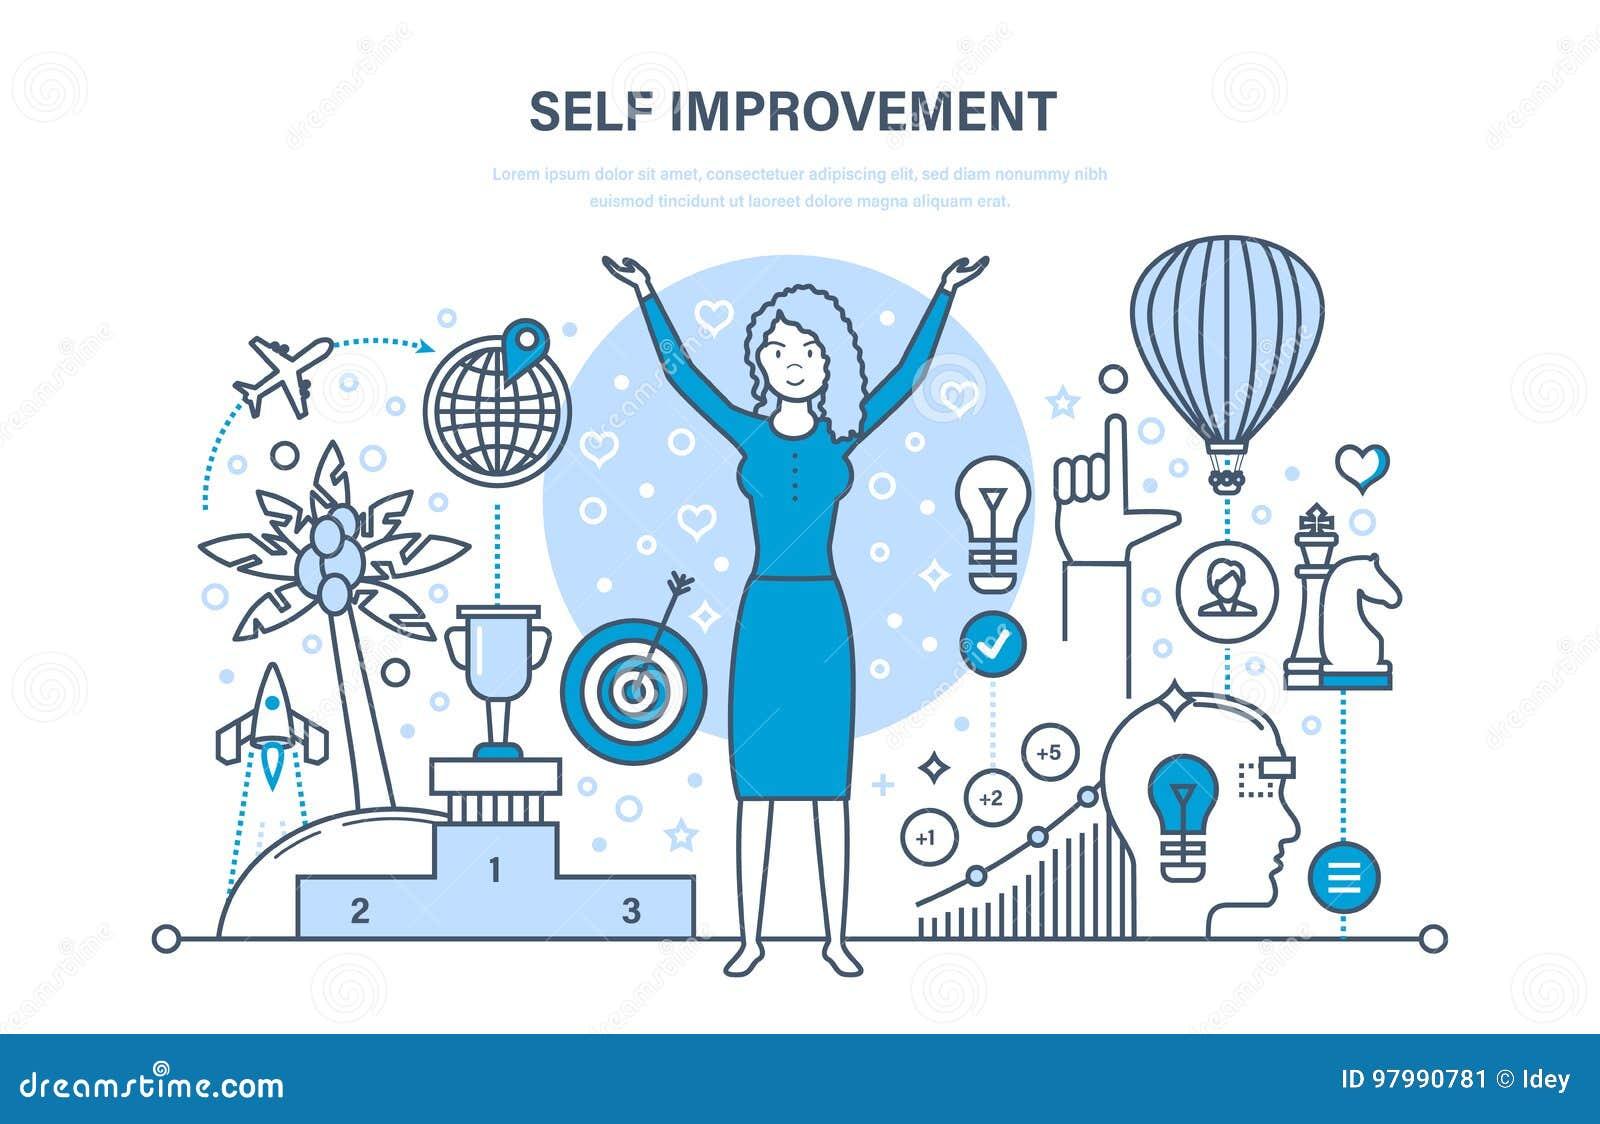 Concepto de la mejora del uno mismo Autodesarrollo, crecimiento personal, inteligencia emocional